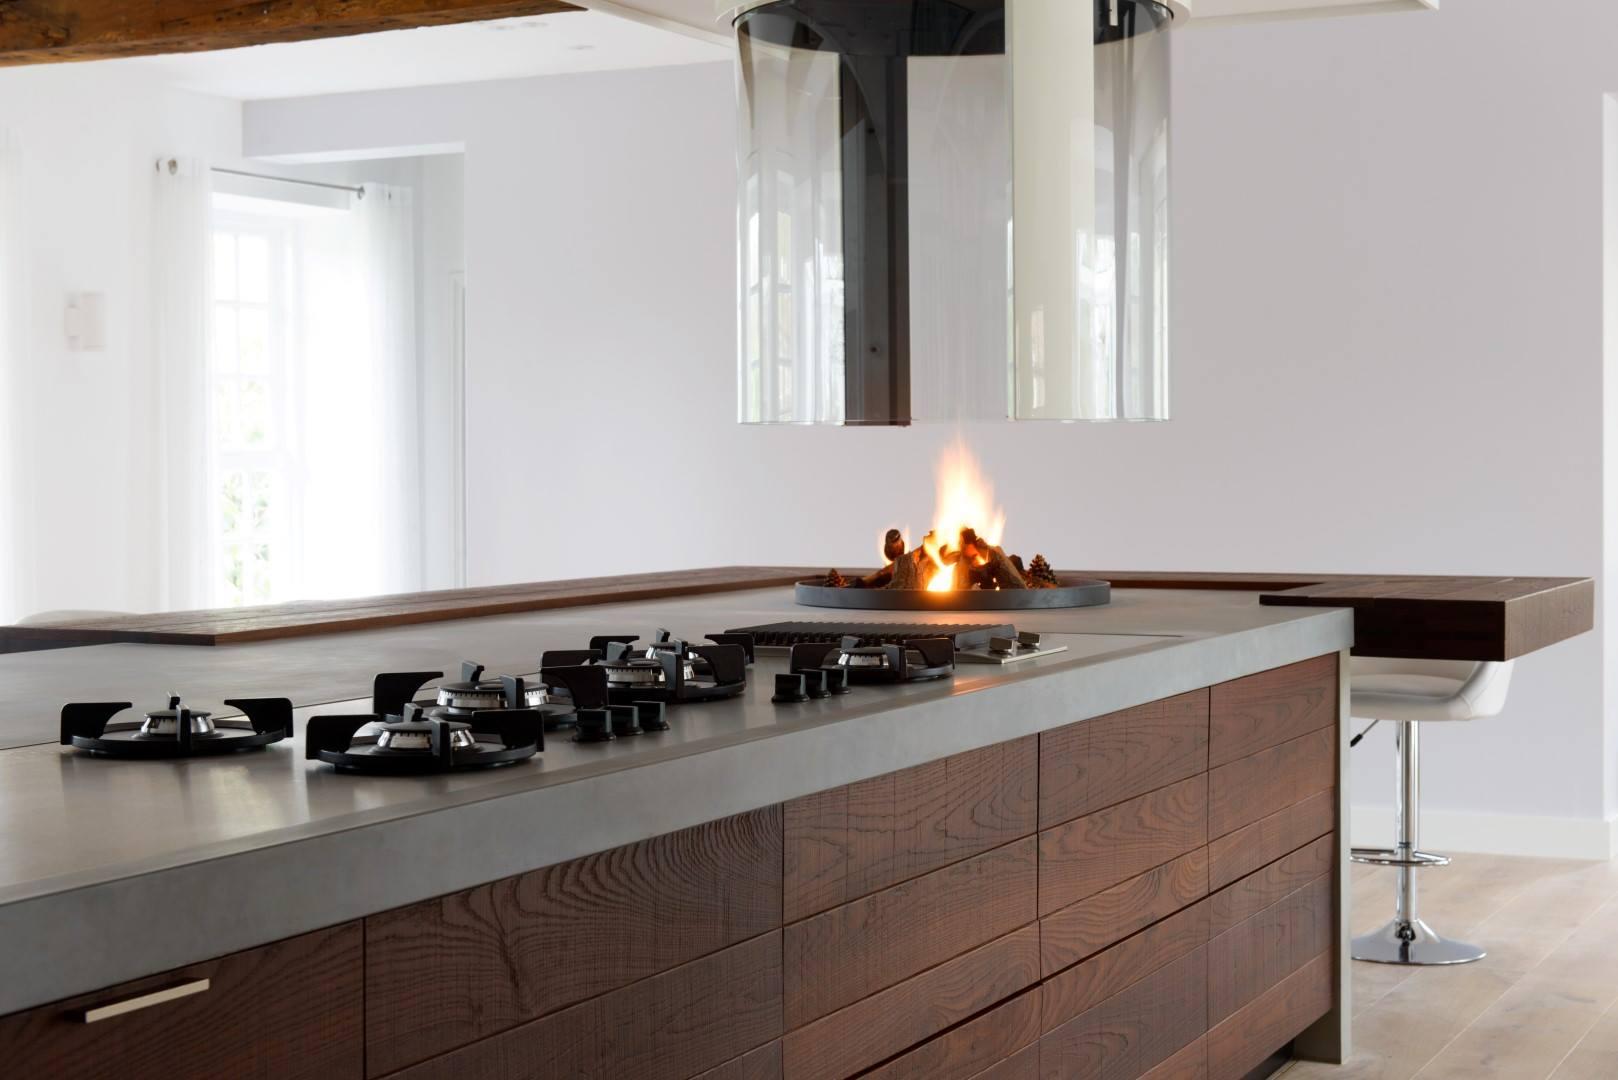 Keuken Bar Ideeen : Moderne houten keukens van JP Walker – Nieuws Startpagina voor keuken